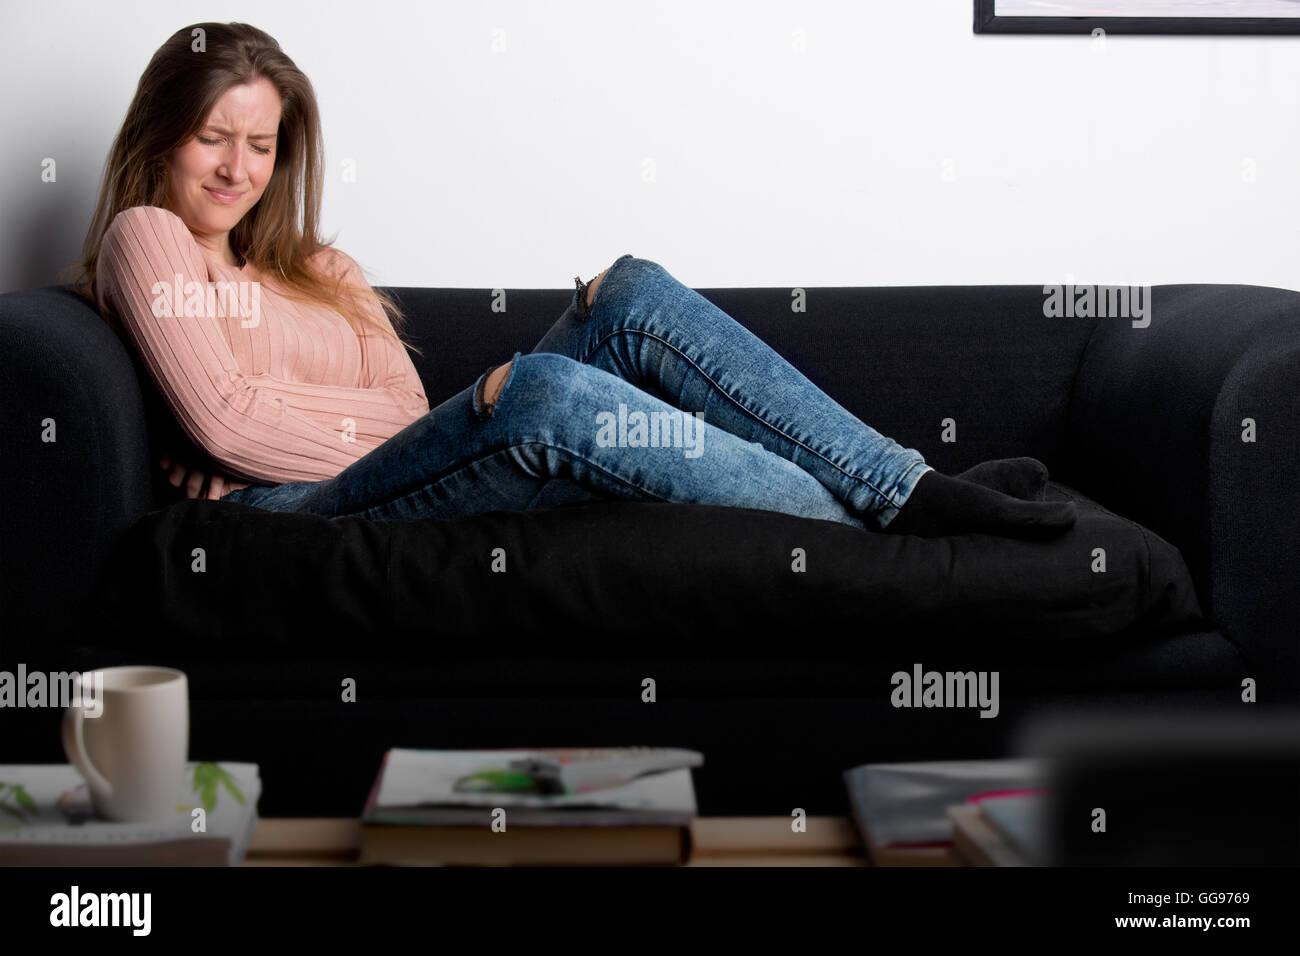 Frau liegend auf einer Couch mit Schmerzen im Bauch Stockbild